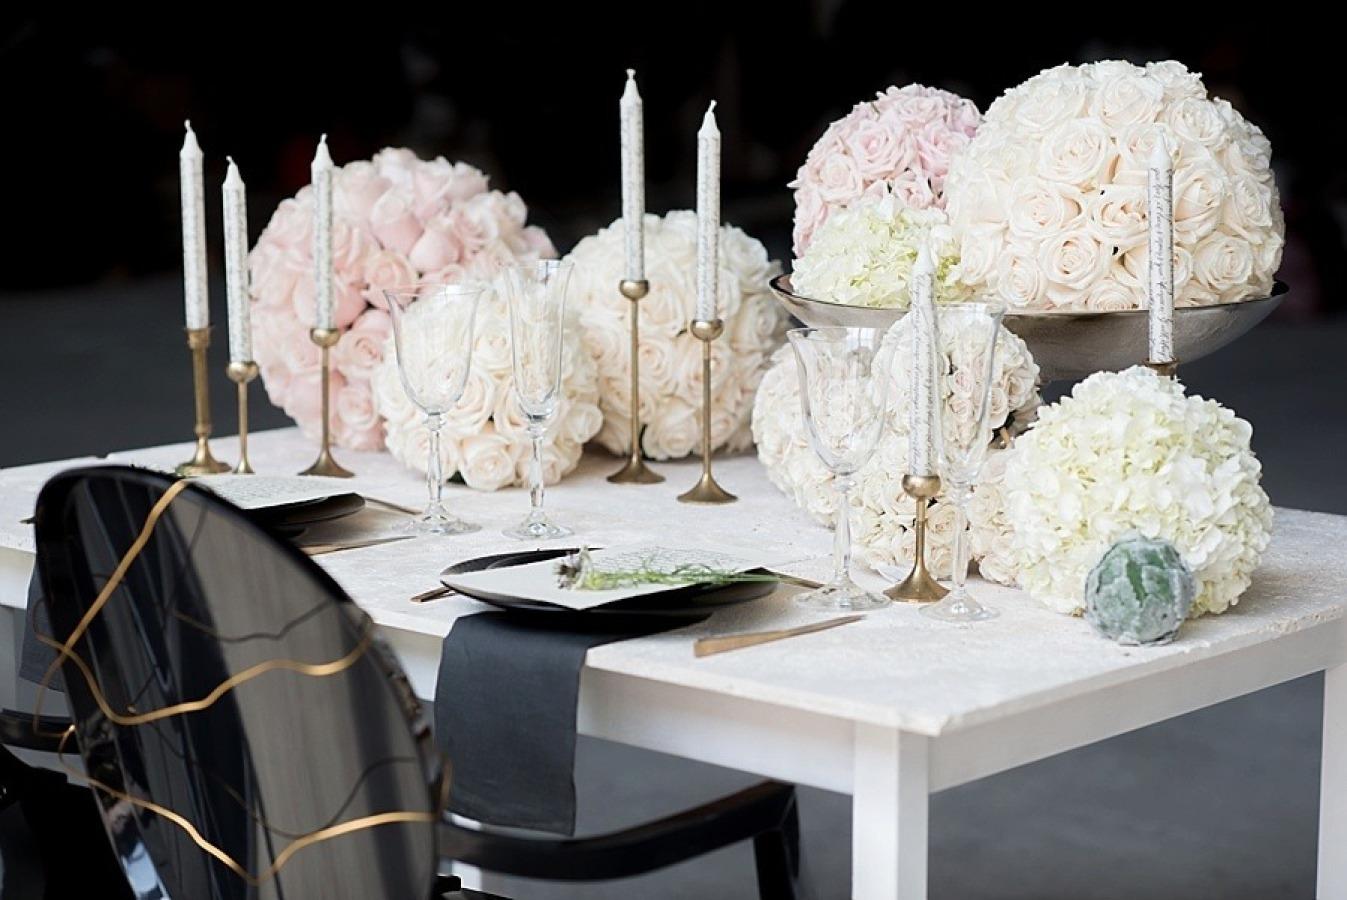 table decor.jpg